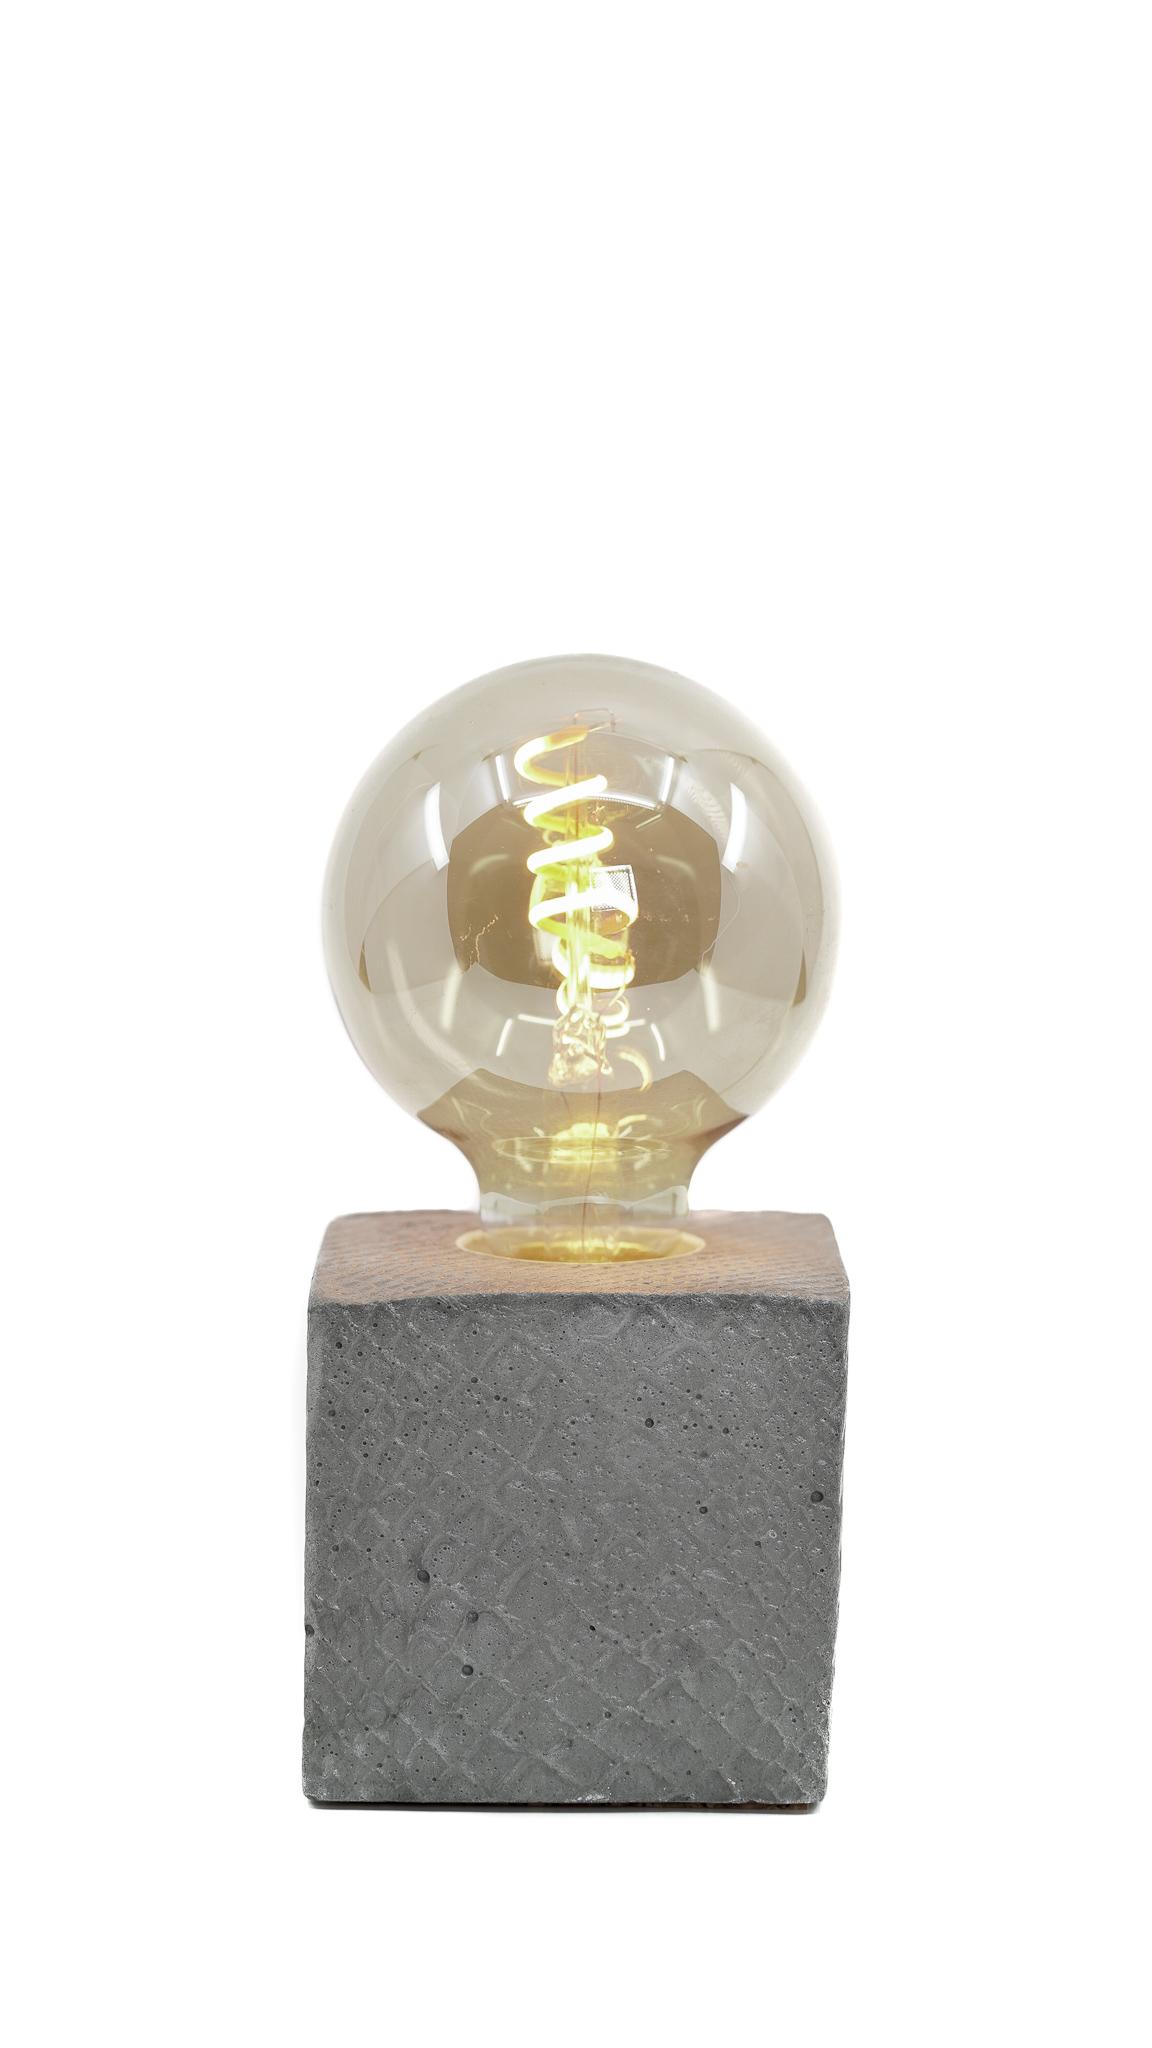 Lampe à poser en béton gris fabrication artisanale croco